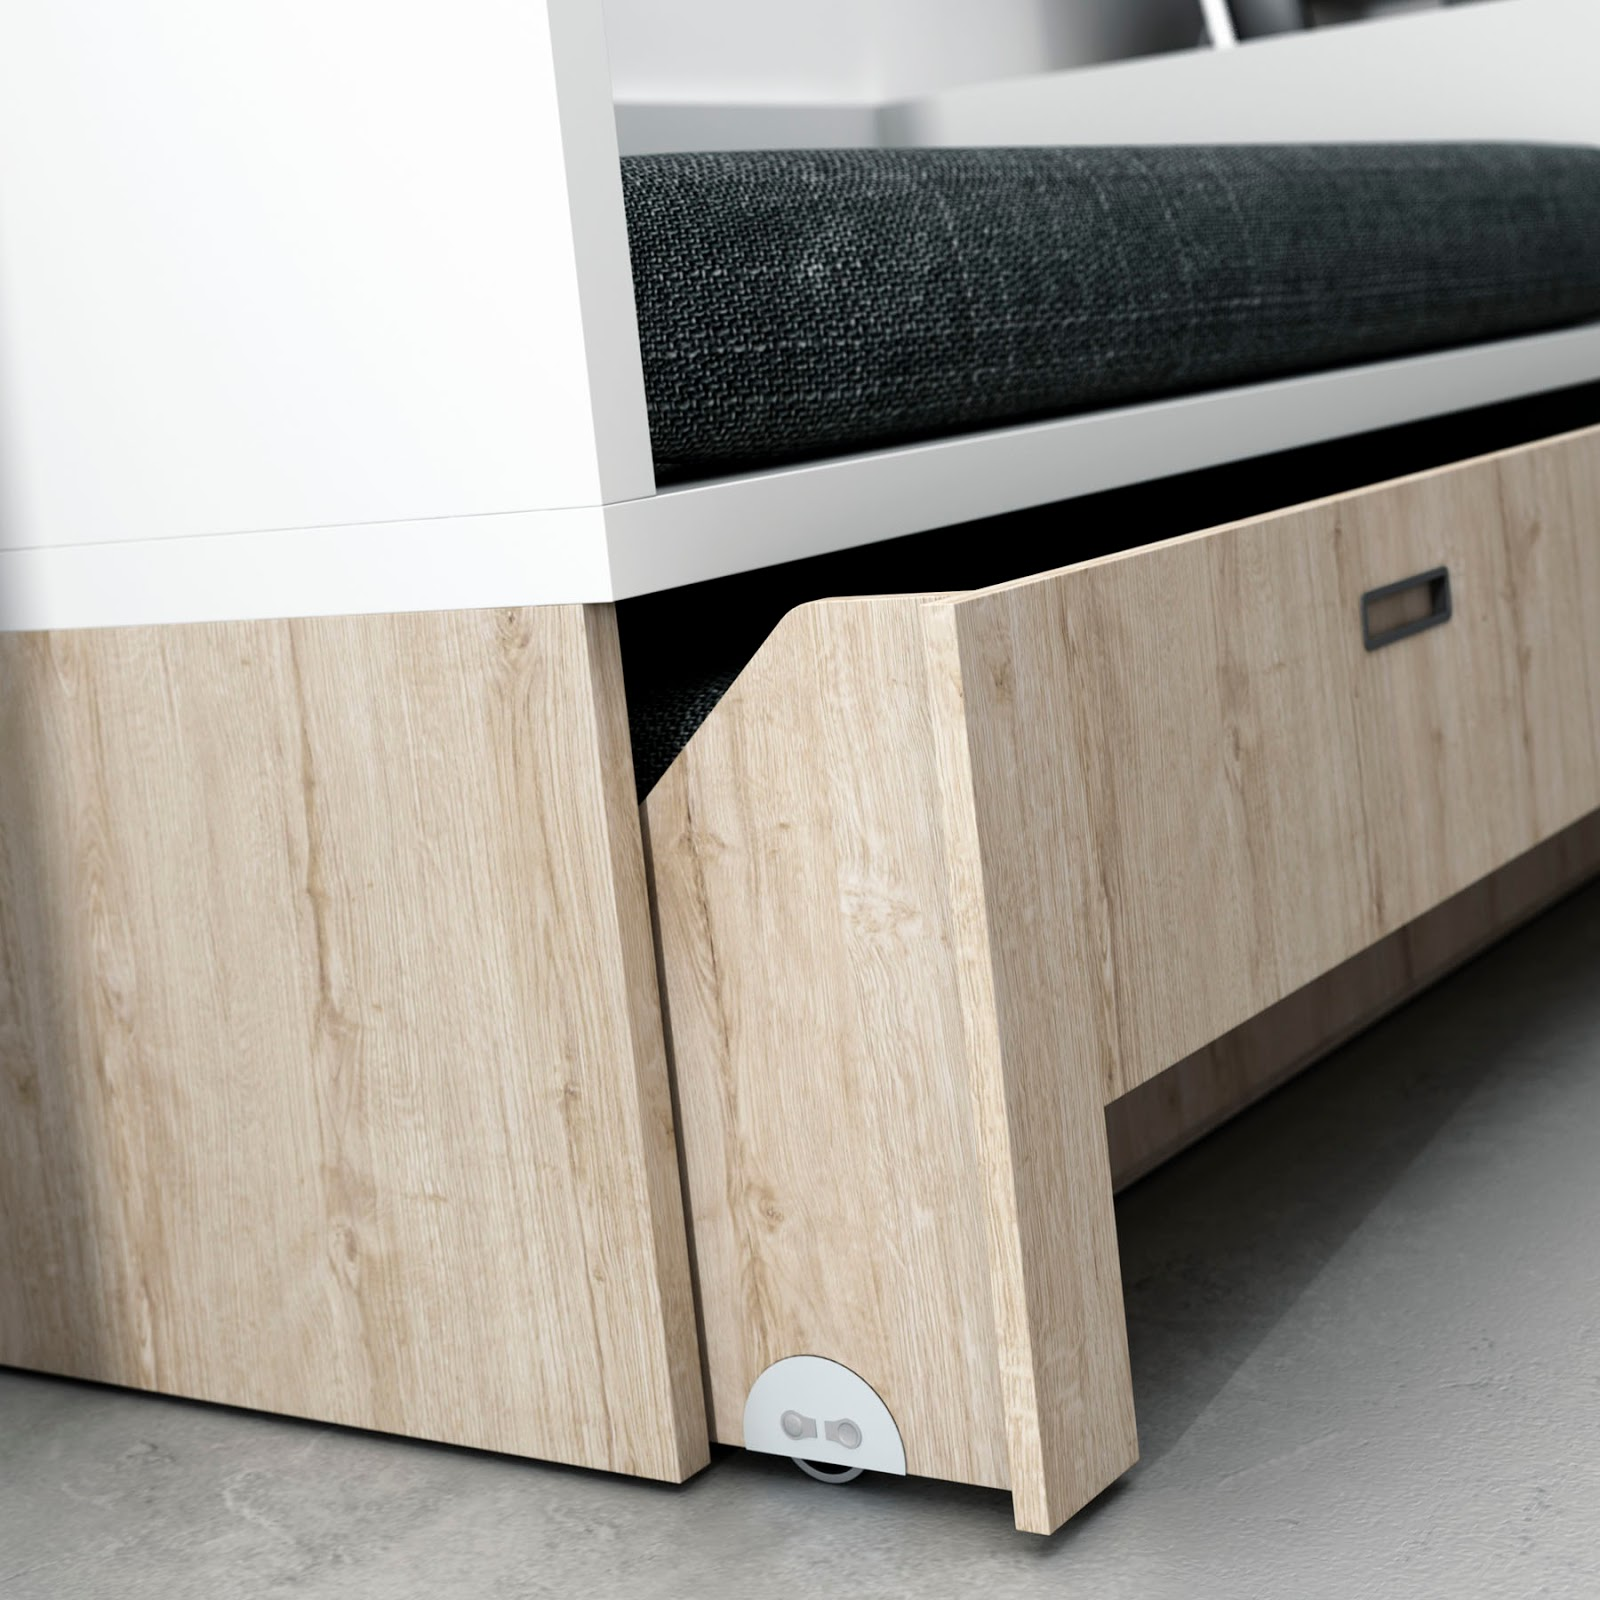 Camas compacto juveniles de igual medida la cama de arriba que la de ...